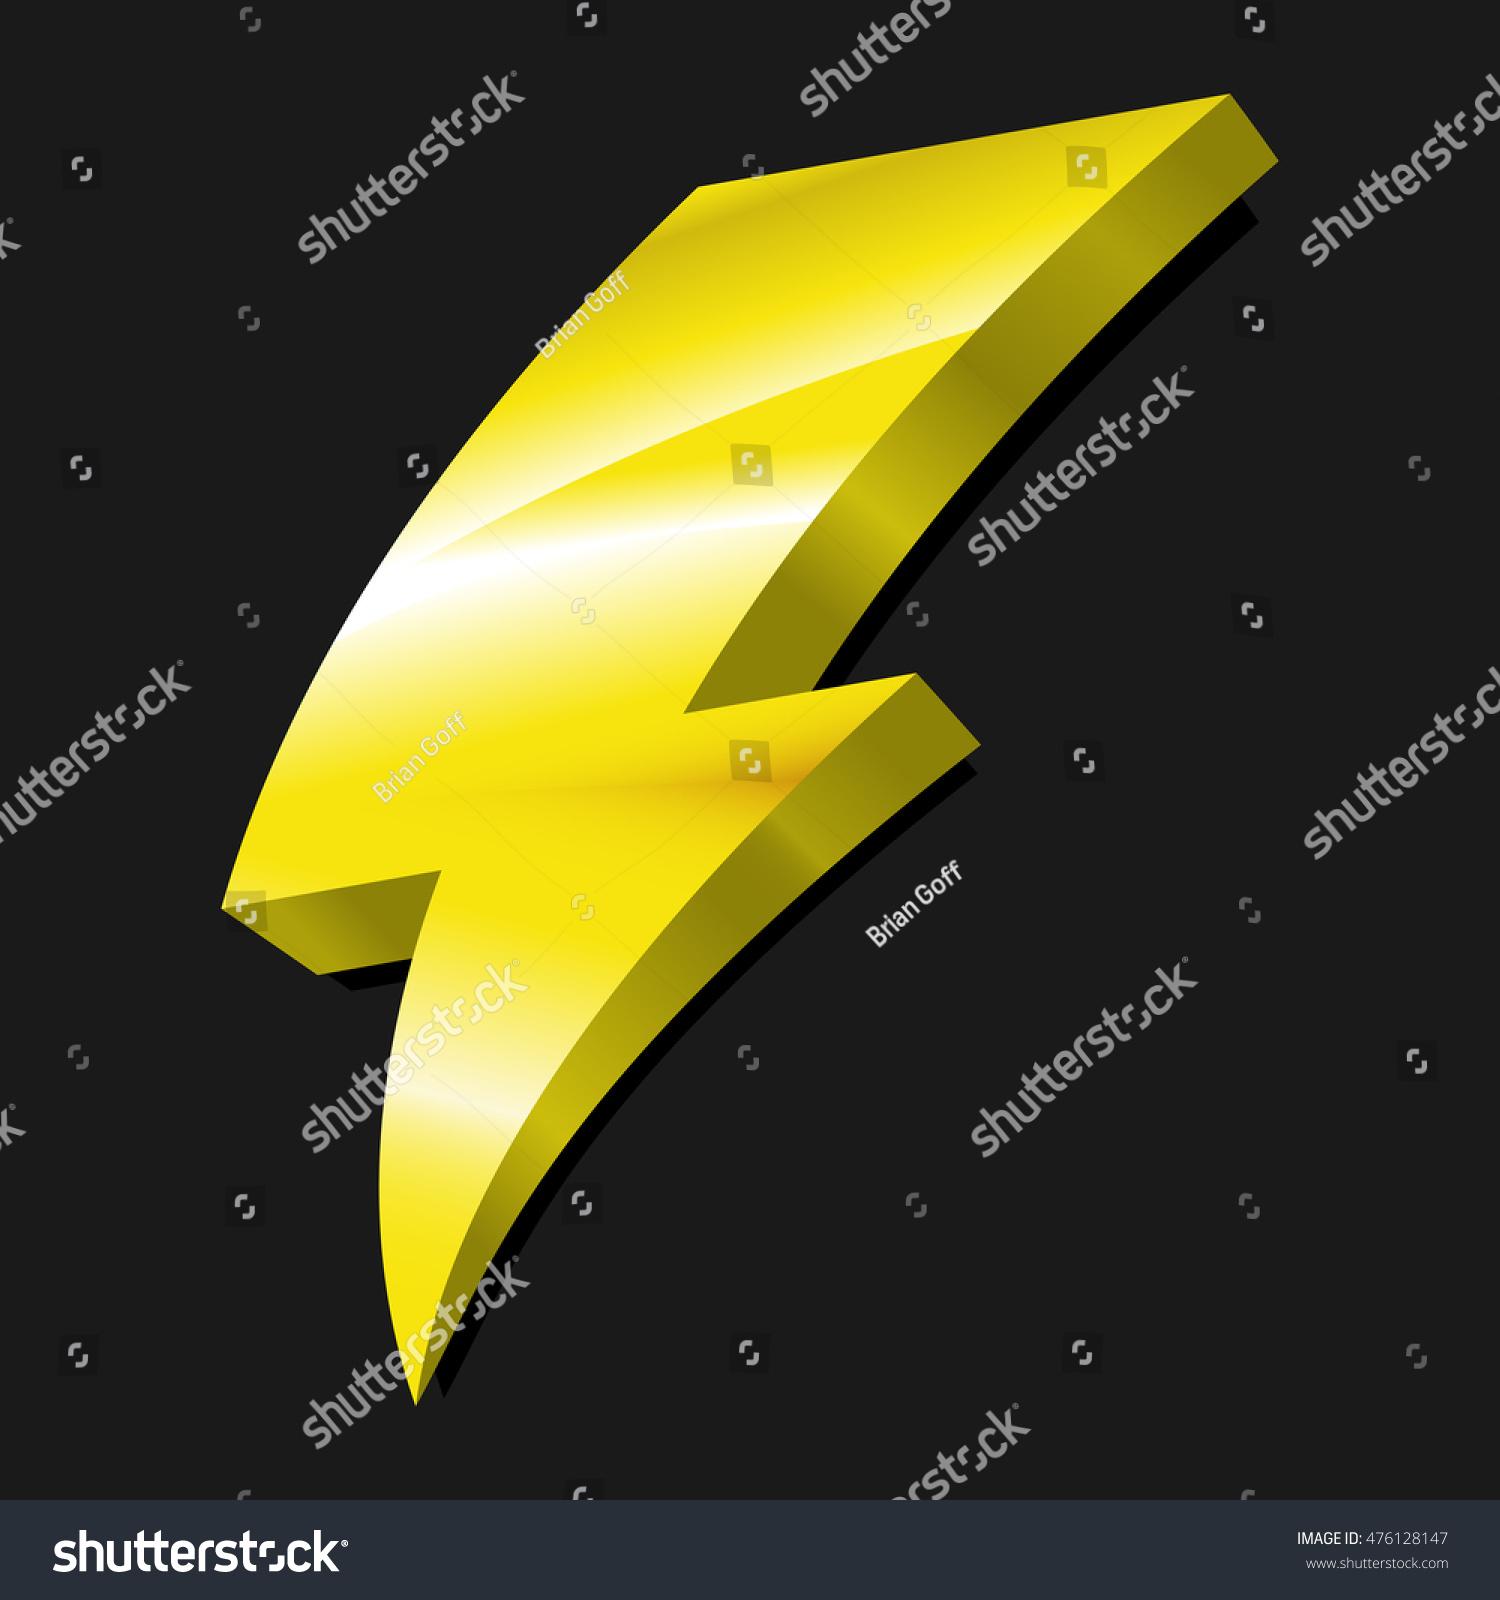 Electric Lightning Bolt Symbol Stock Illustration 476128147 ... for Electricity Lightning Bolt  146hul